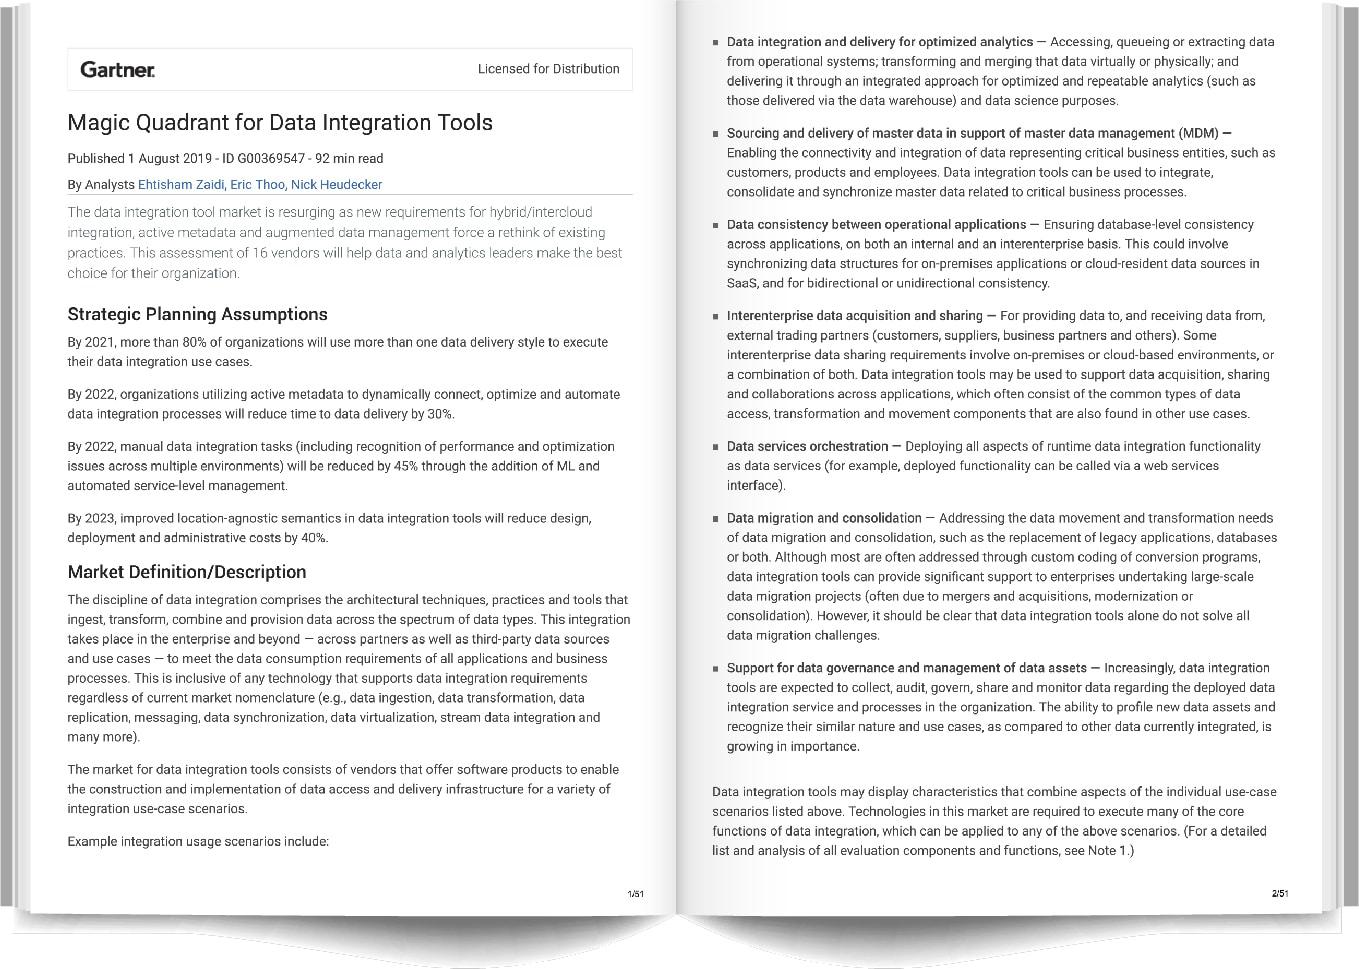 qlik, qlik sense, gartner, gartner magic quadrant, data integration tools